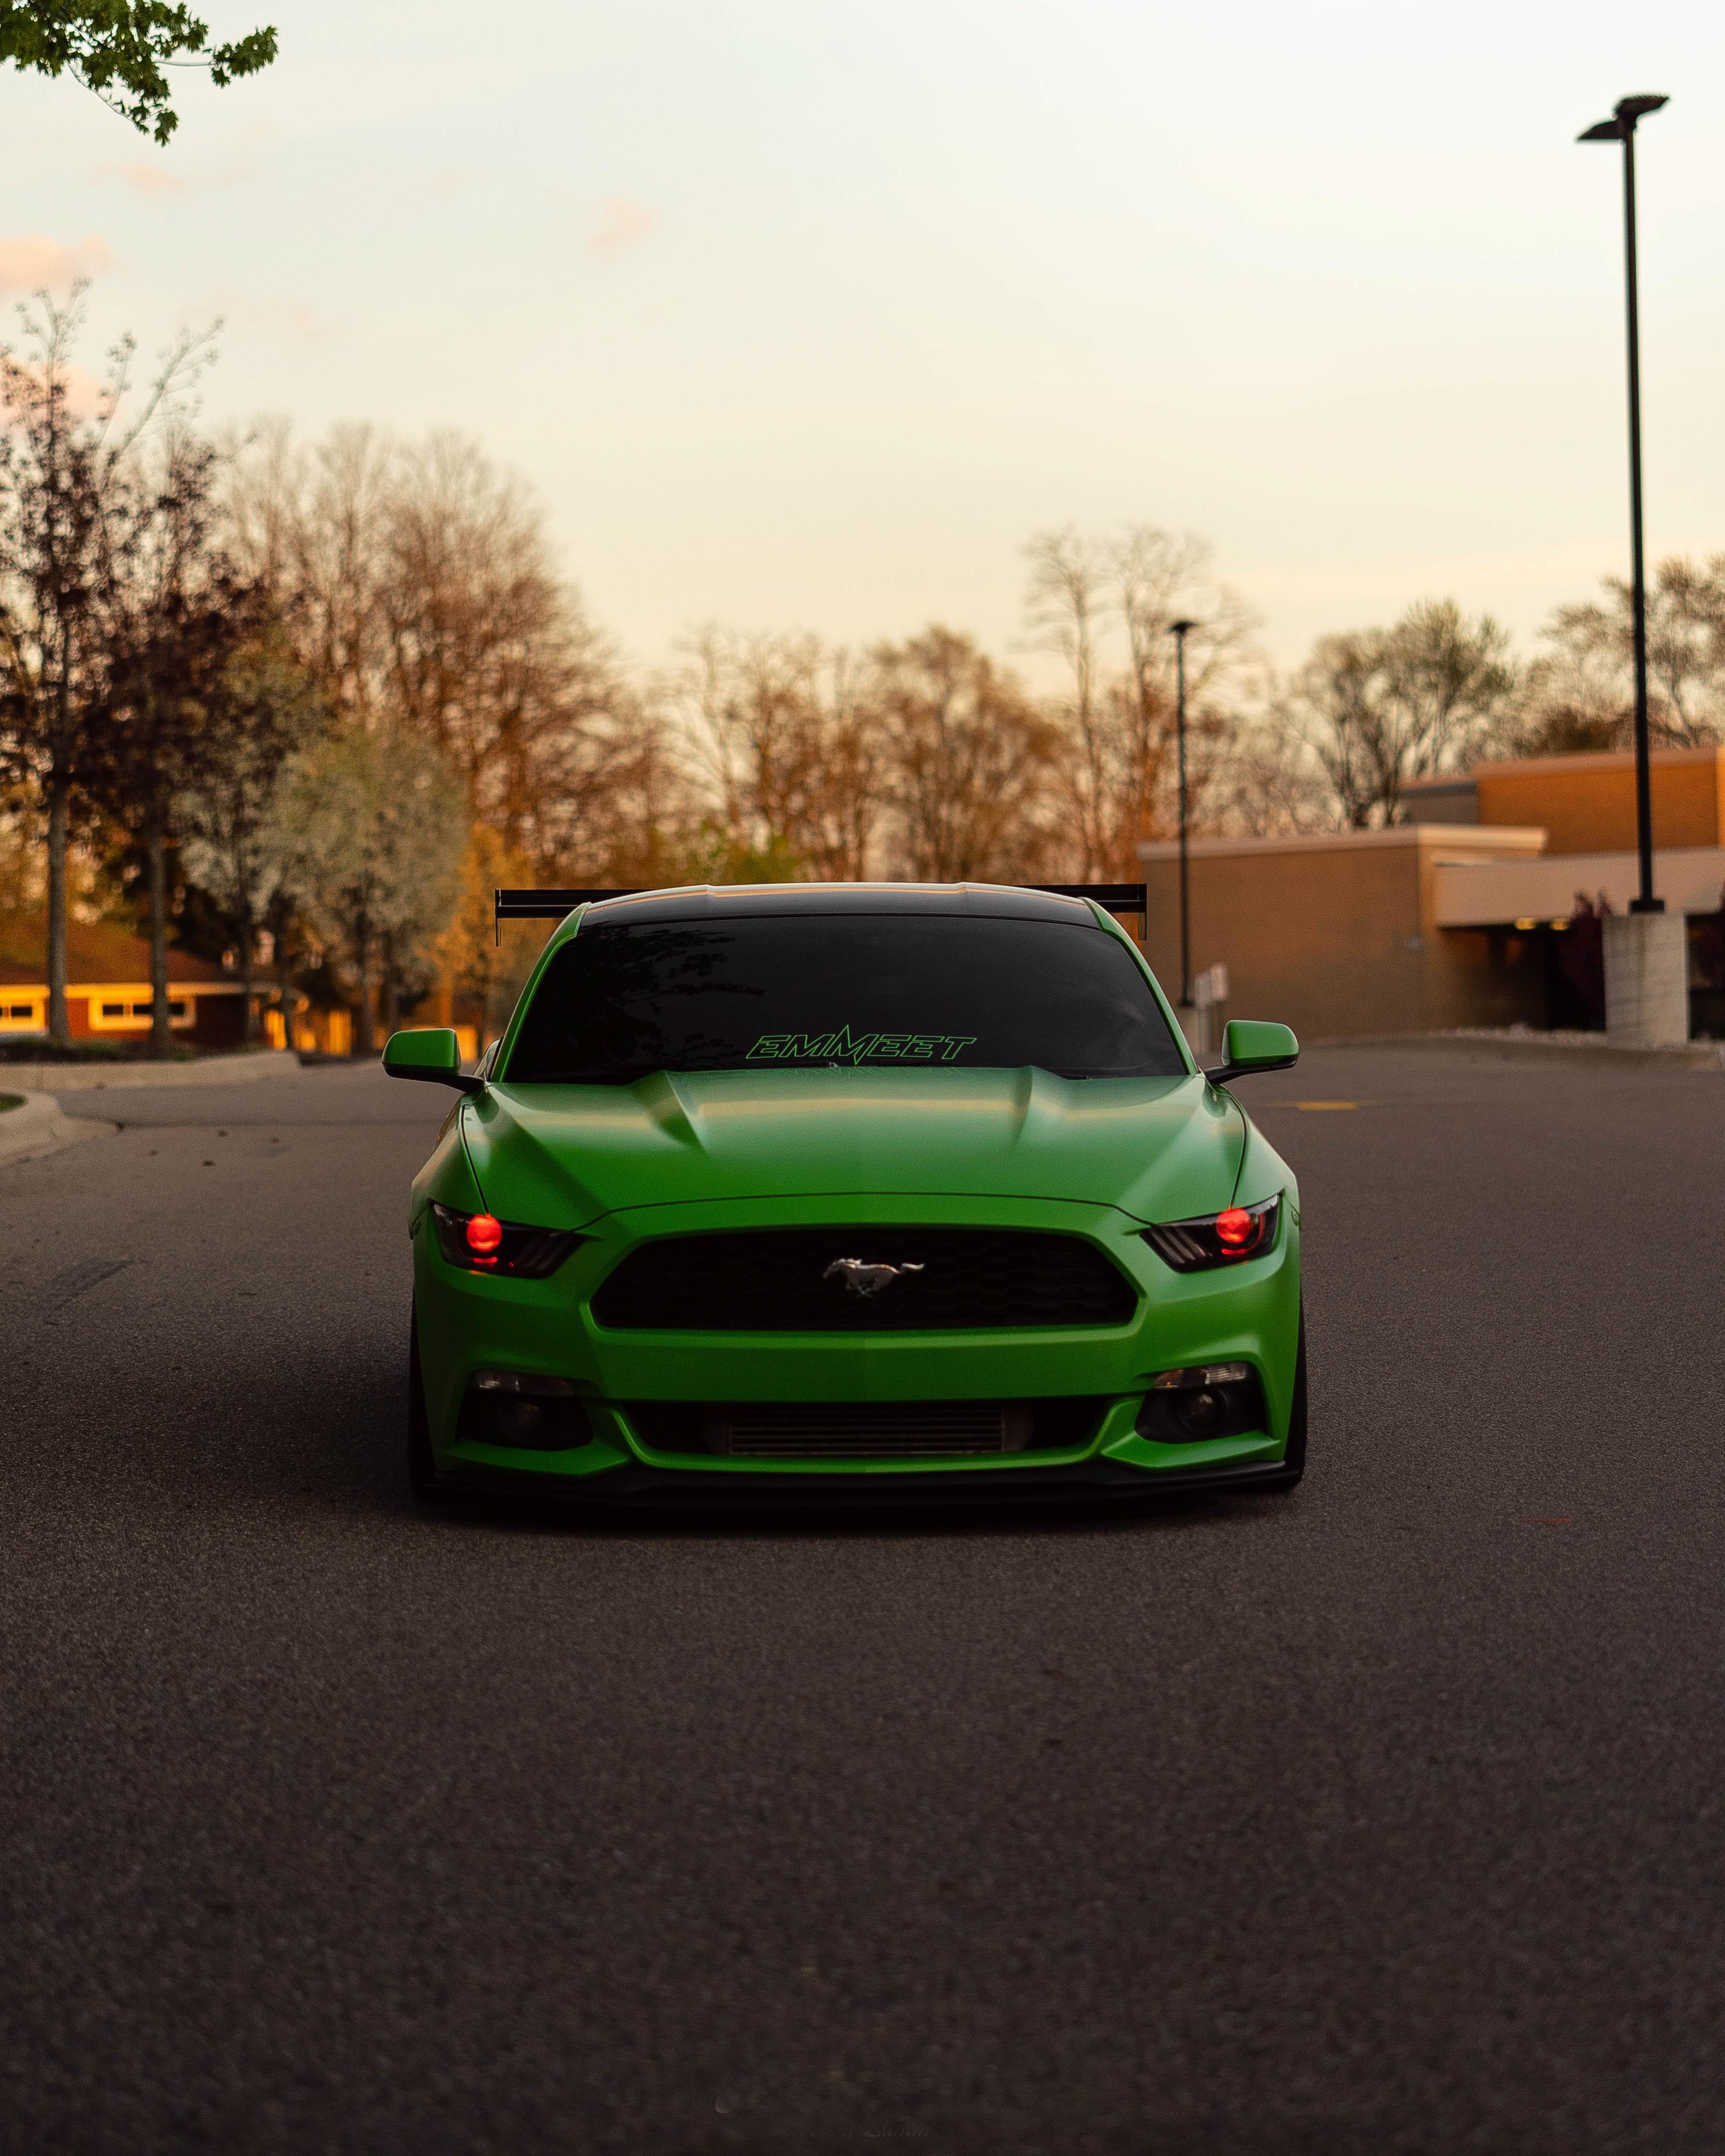 51087 Заставки и Обои Вид Спереди на телефон. Скачать Тачки (Cars), Вид Спереди, Ford Mustang, Автомобиль, Зеленый картинки бесплатно